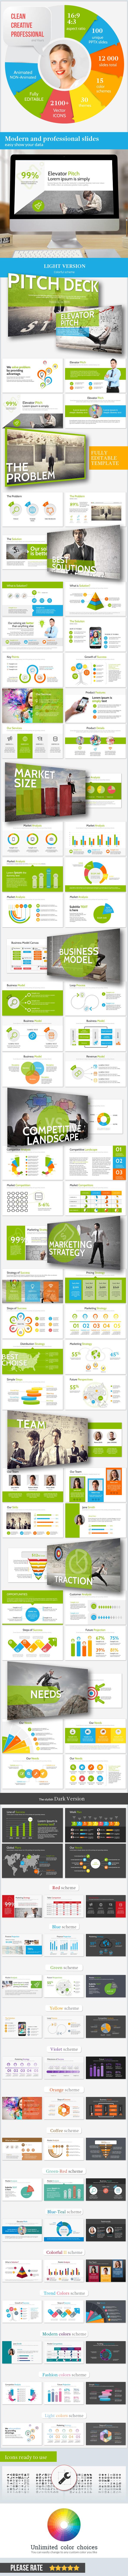 Pitch Deck Start Up Expert Presentation Template - Pitch Deck PowerPoint Templates